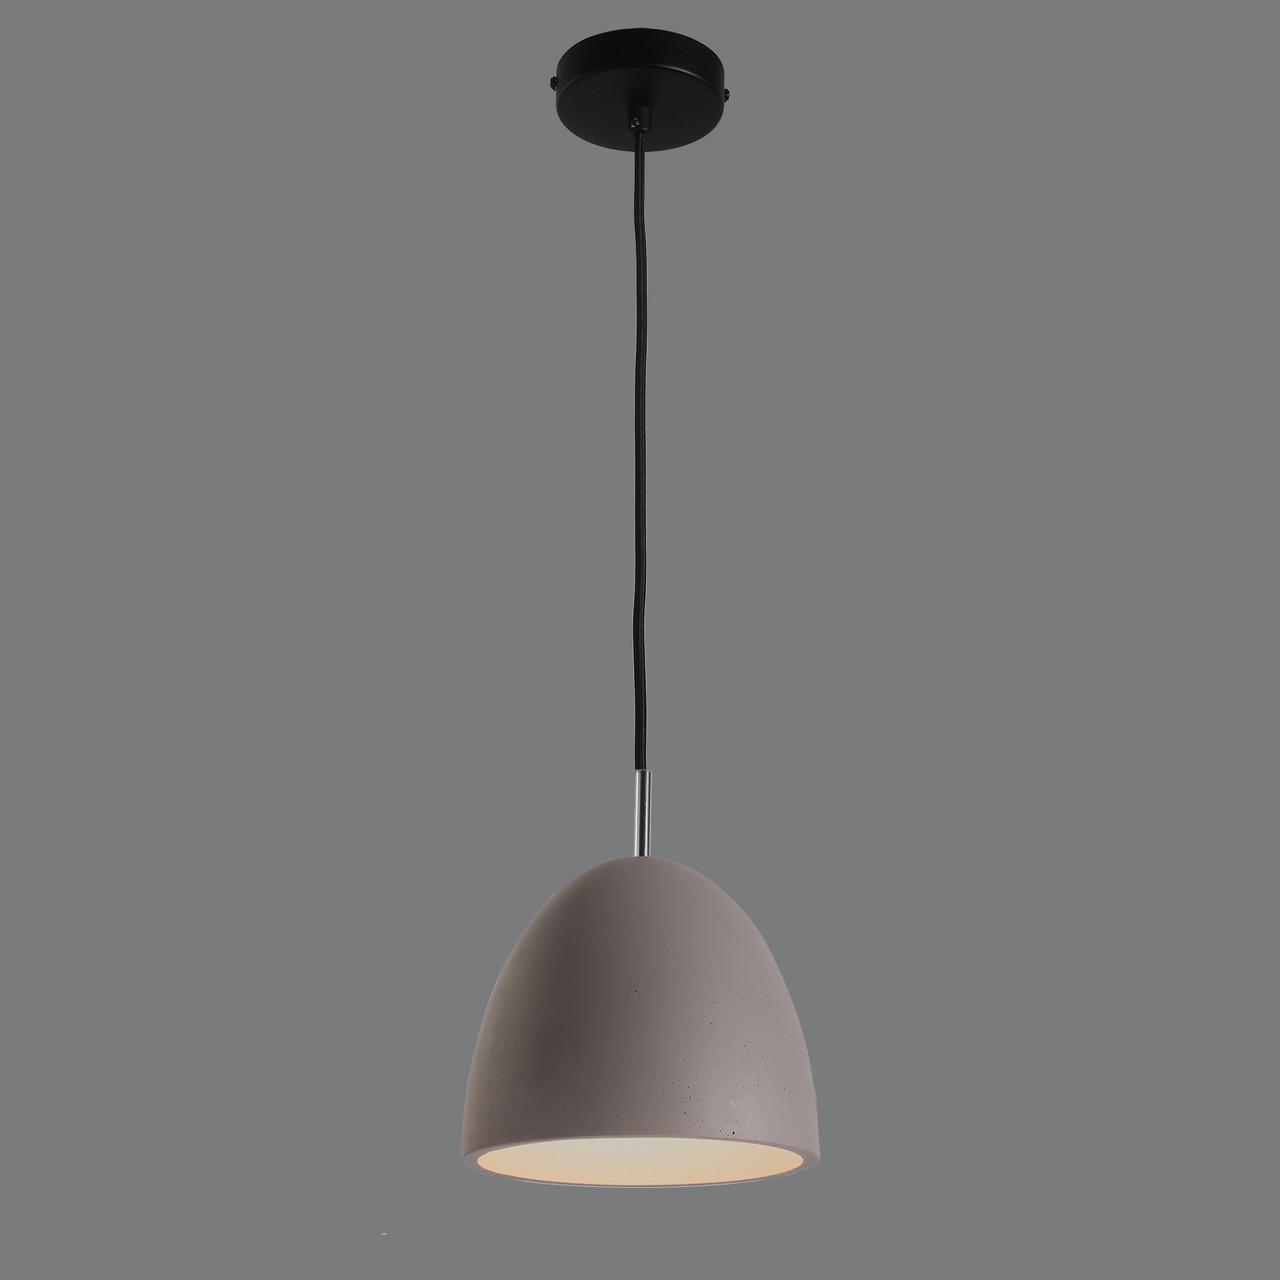 Подвесной светильник ENON 3686/30 (art.C36861GR)